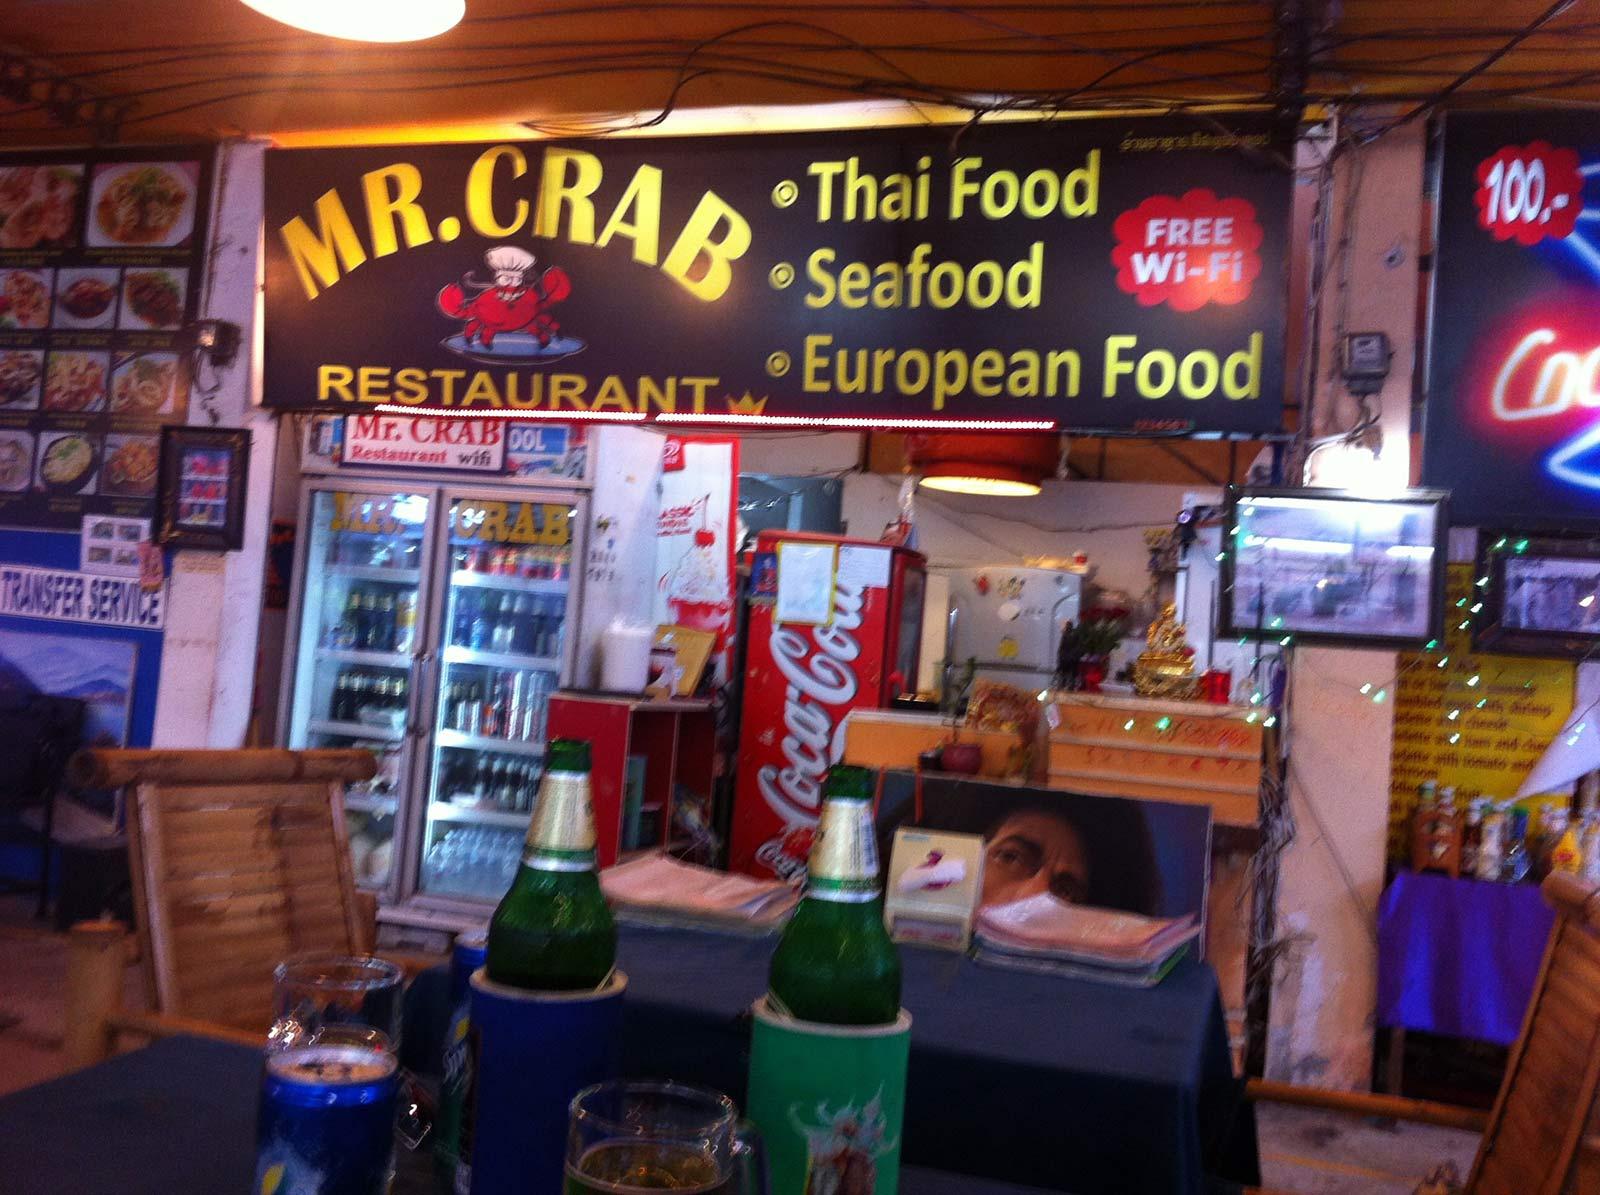 Thailand, Koh Samui; Restaurant Mr. Crabs in Chaweng